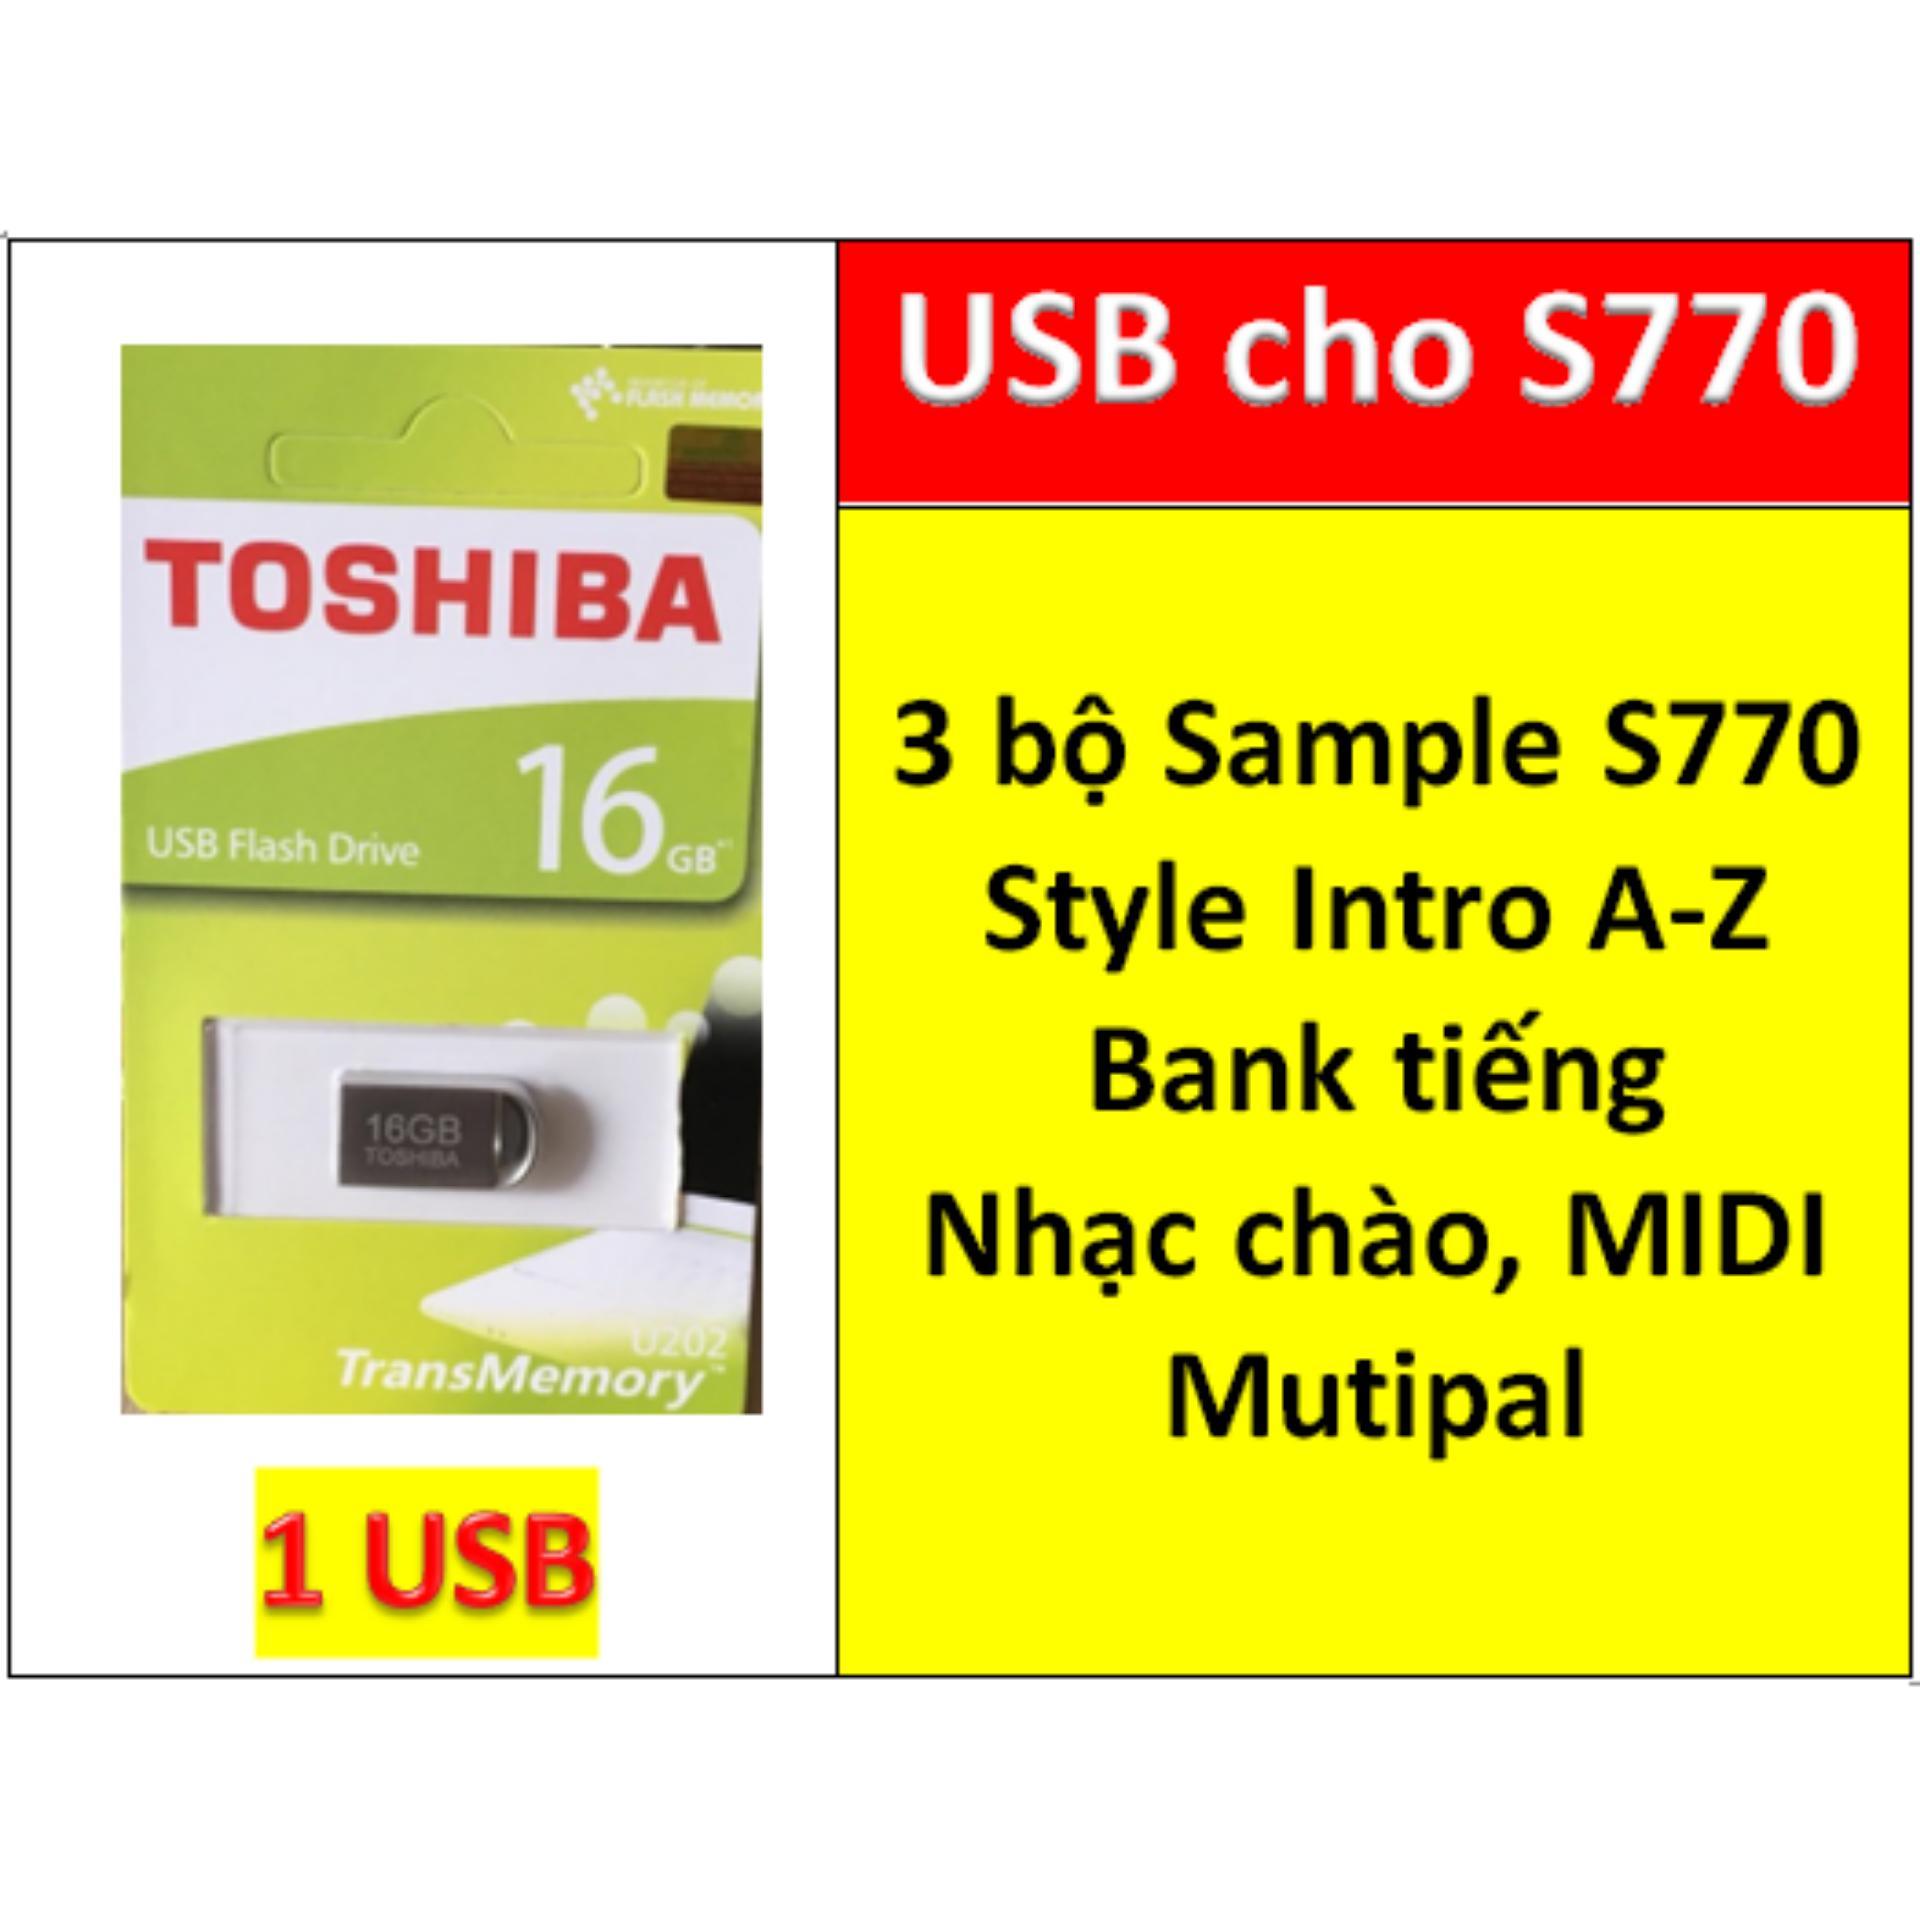 USB mini 3 BỘ Sample cho đàn organ yamaha PSR S770, Style, nhạc chào, songbook, midi + Full dữ liệu làm show